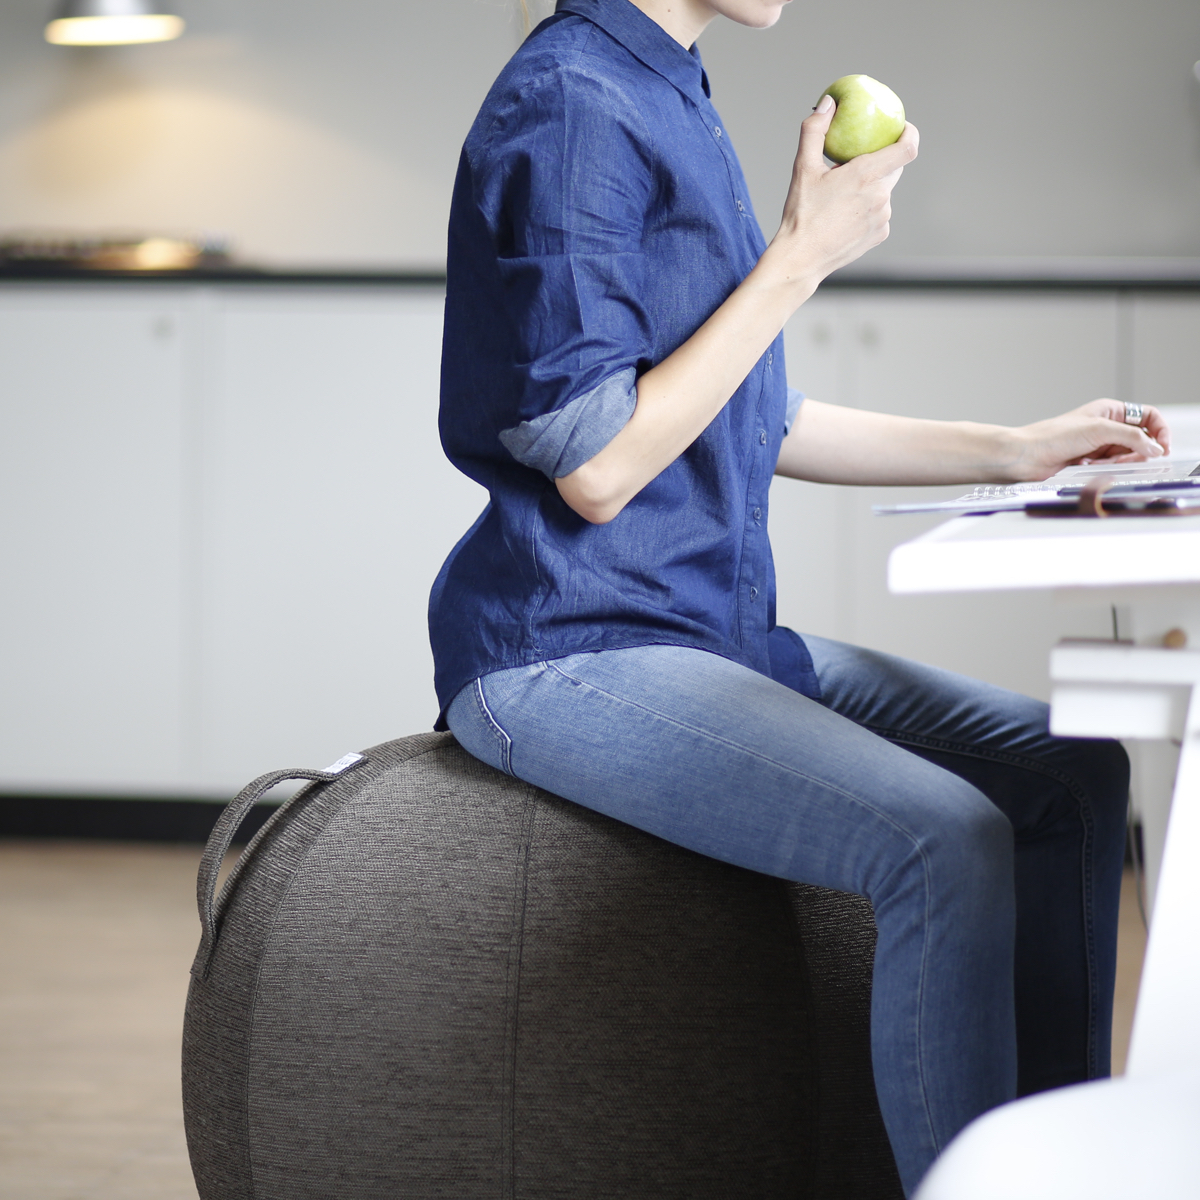 インテリアにもなる「座るボール」 | リビングでも、書斎でも、いつでもエクササイズ